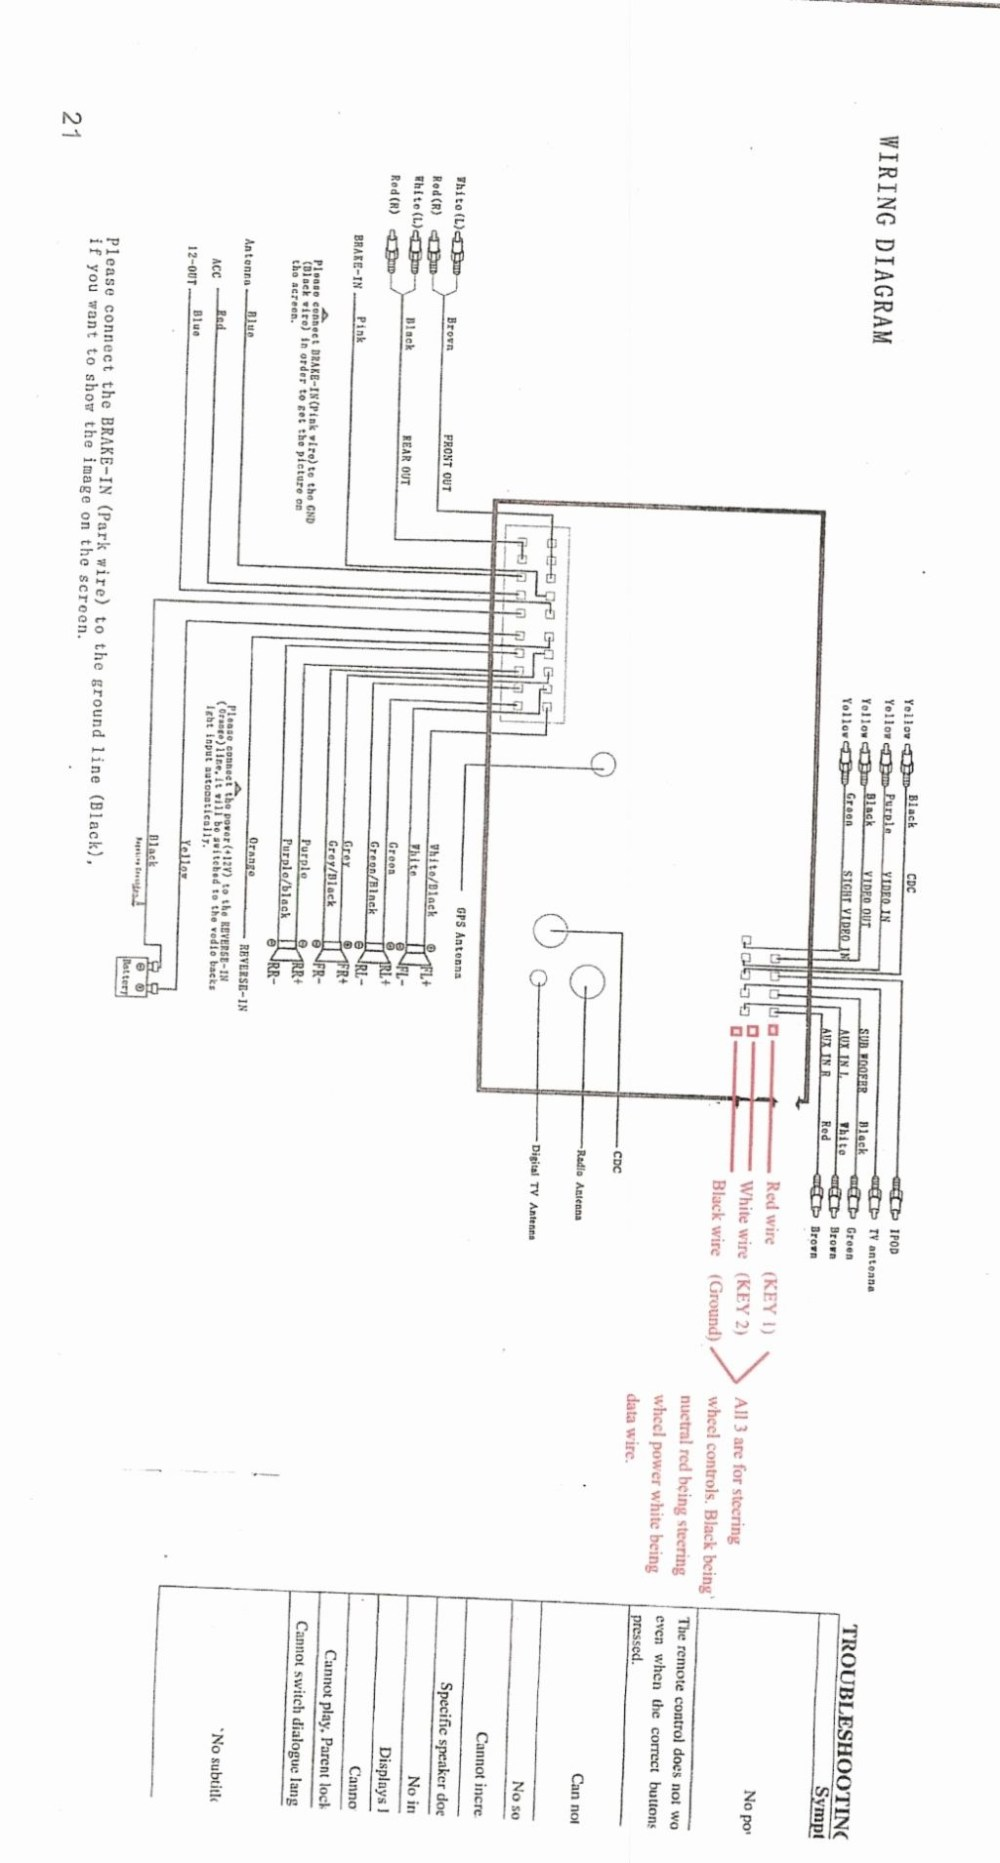 medium resolution of gmos lan 01 wiring diagram download axxess gmos 04 wiring diagram beautiful awesome gmos 01 download wiring diagram